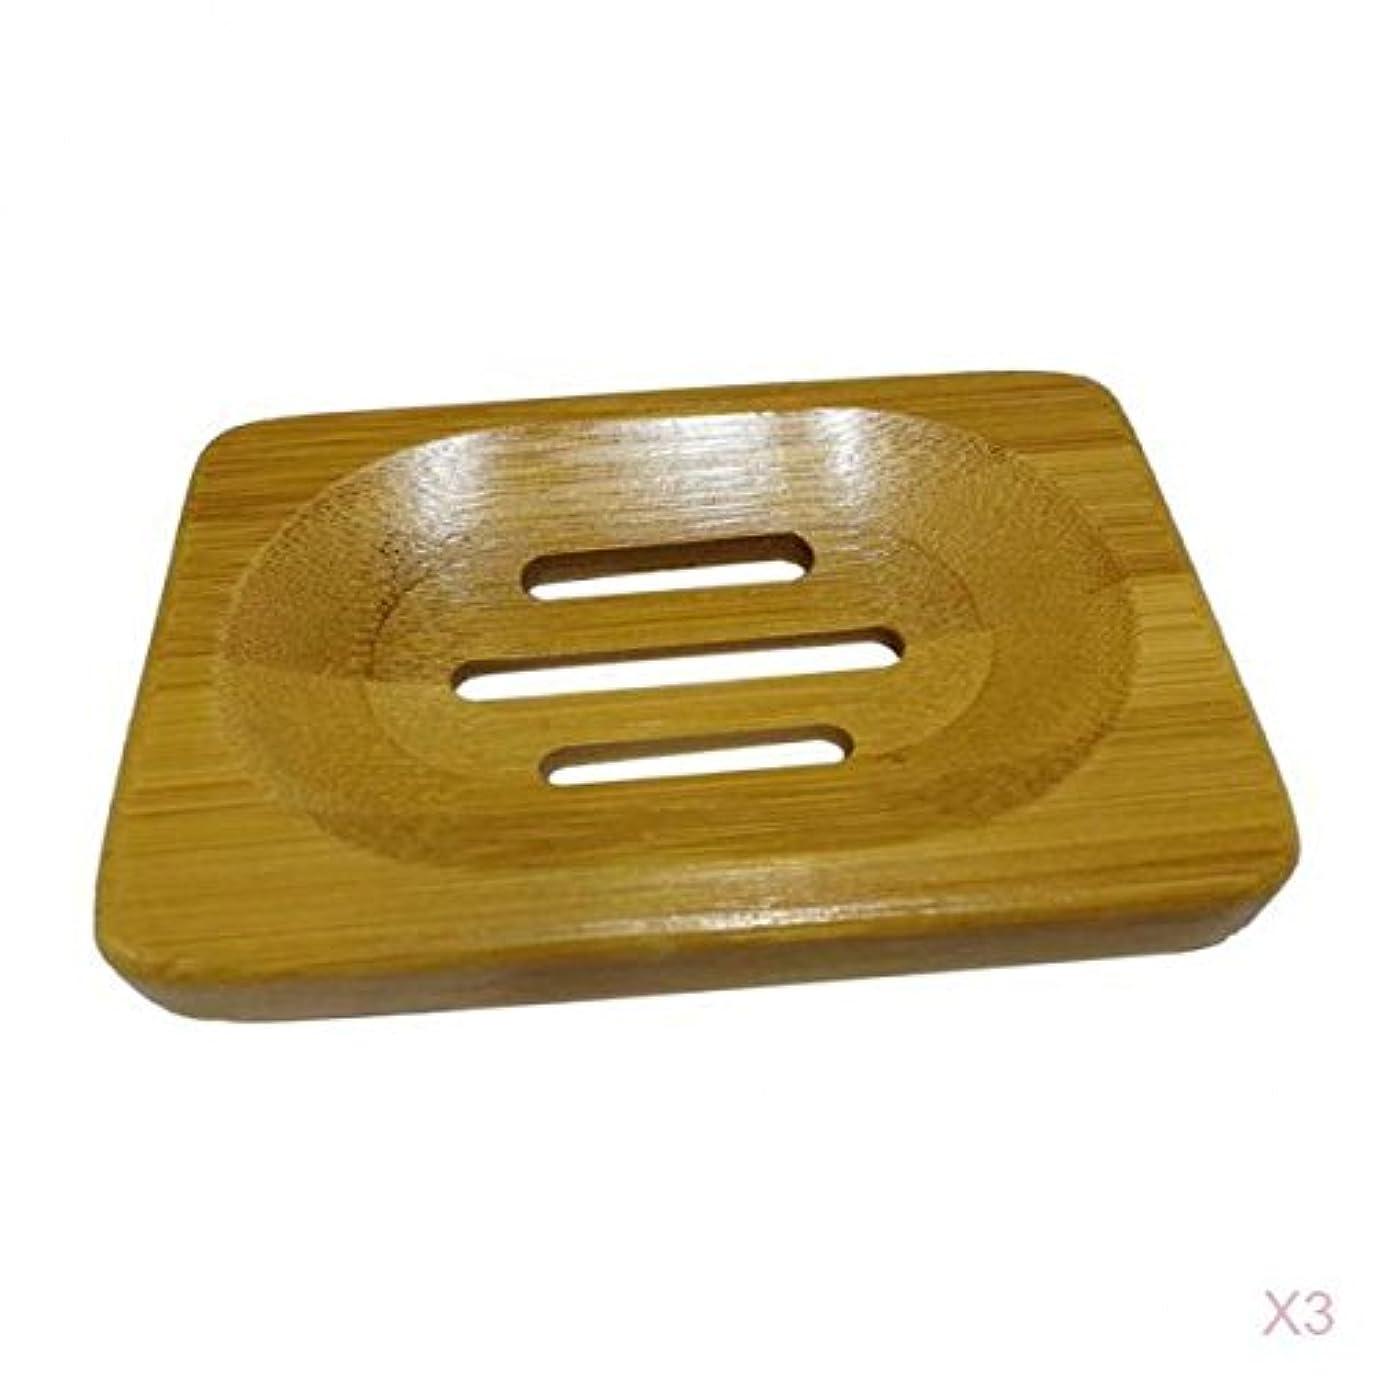 独占の一部Homyl 3個 木製 石鹸 ケース ホルダー